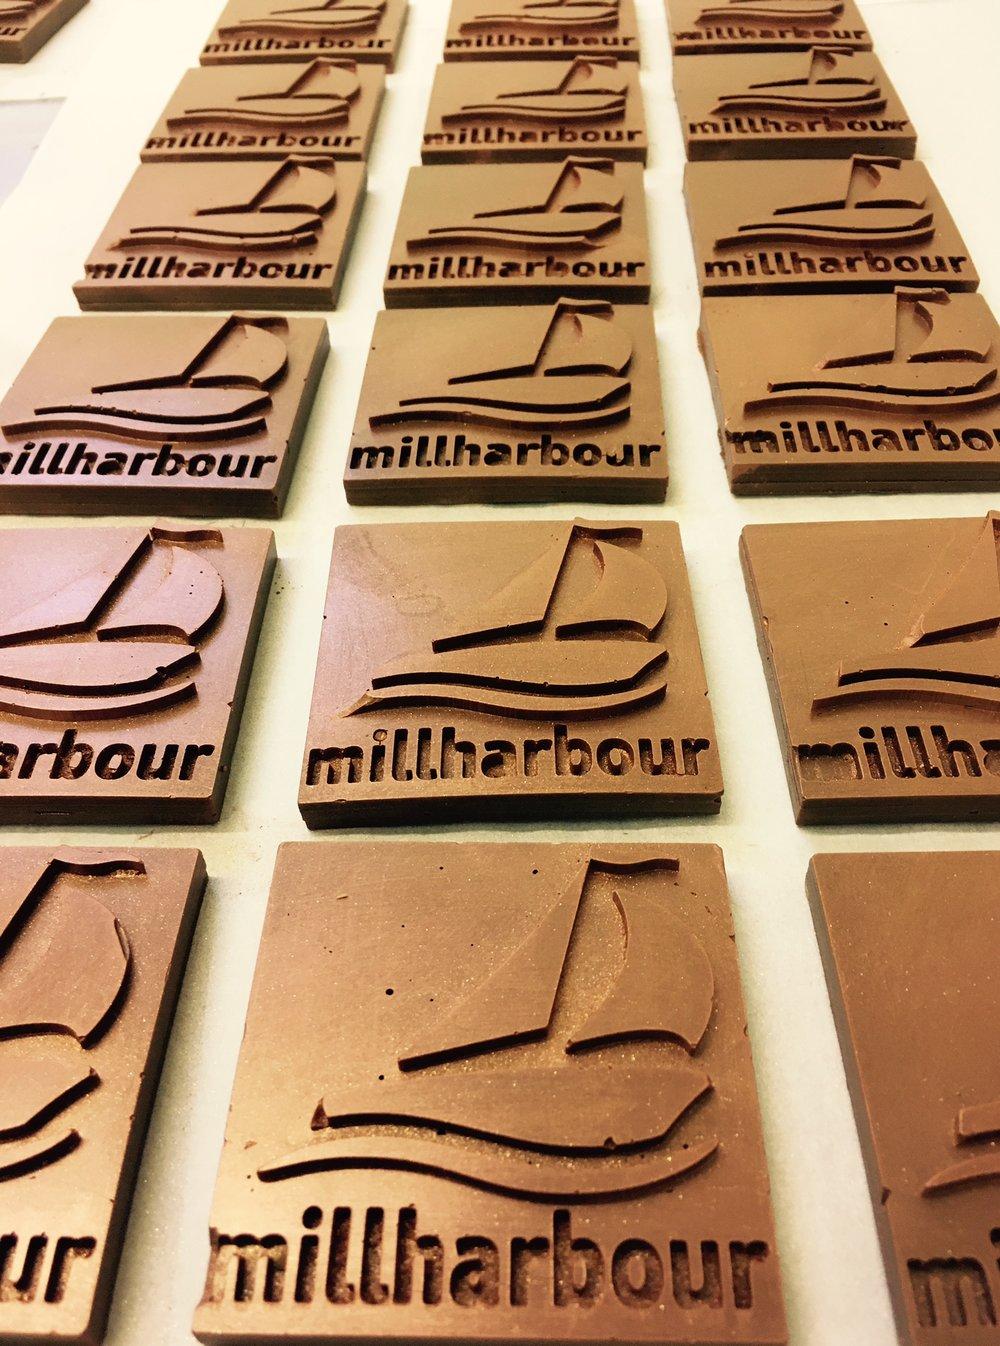 millharbourchogos.jpg